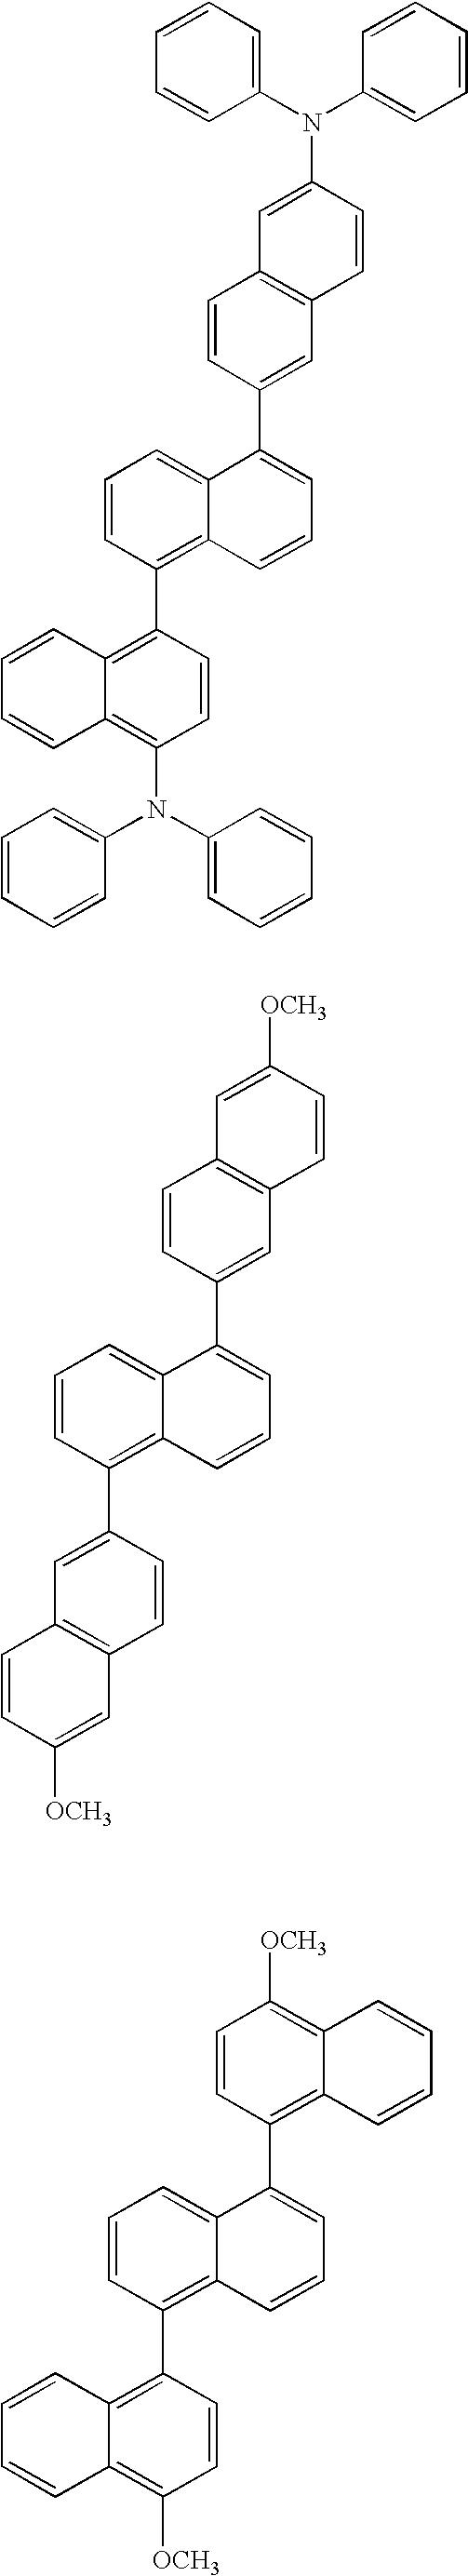 Figure US20100171109A1-20100708-C00069